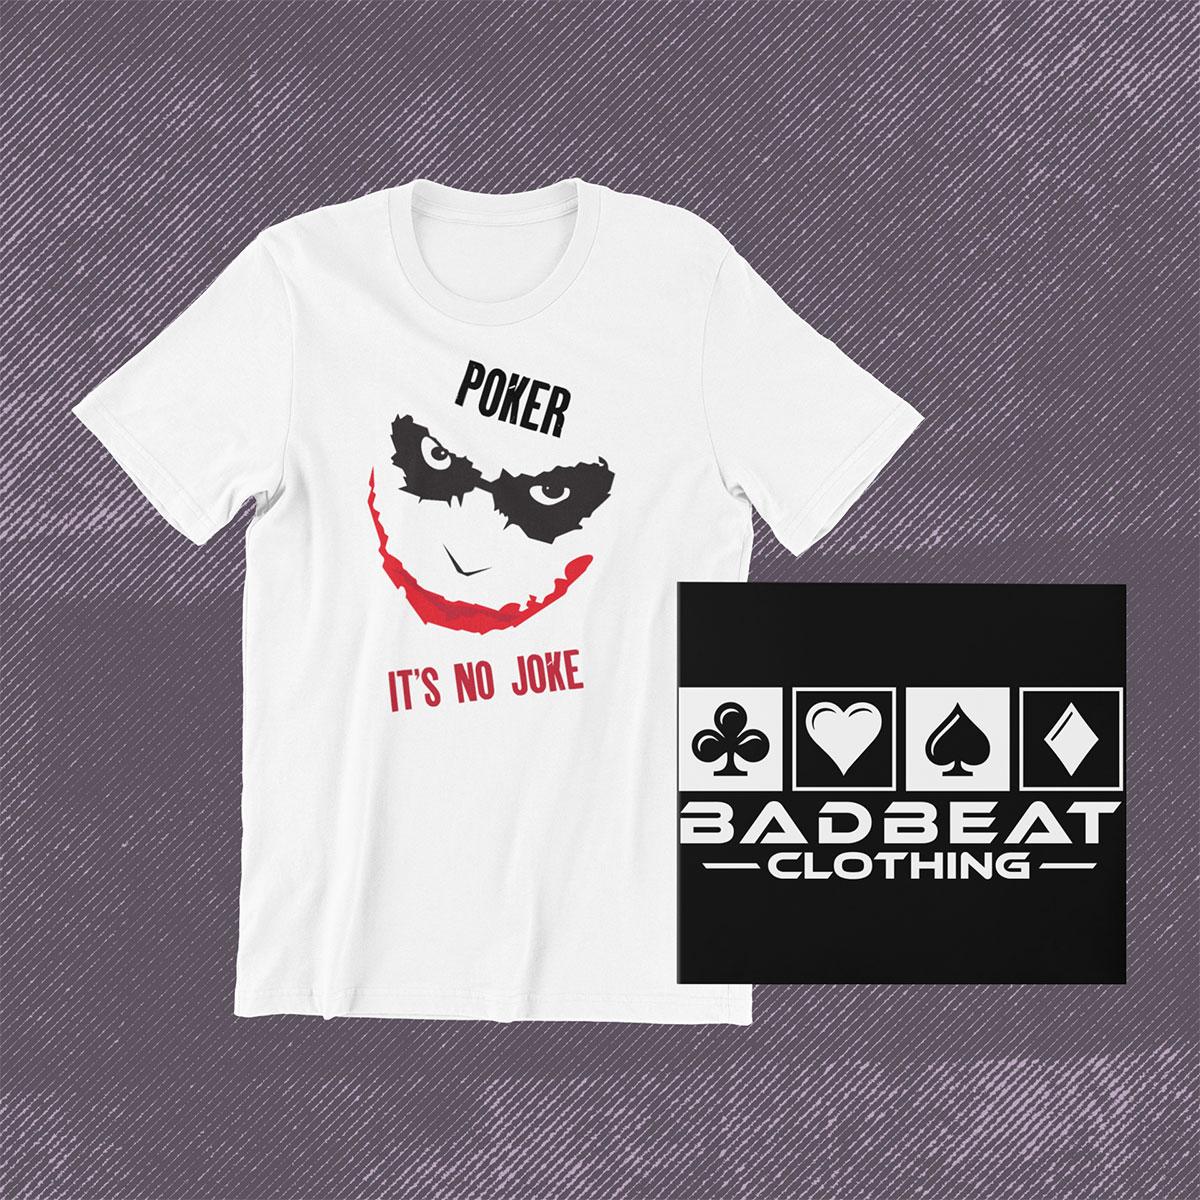 Poker Its no Joke T-Shirt